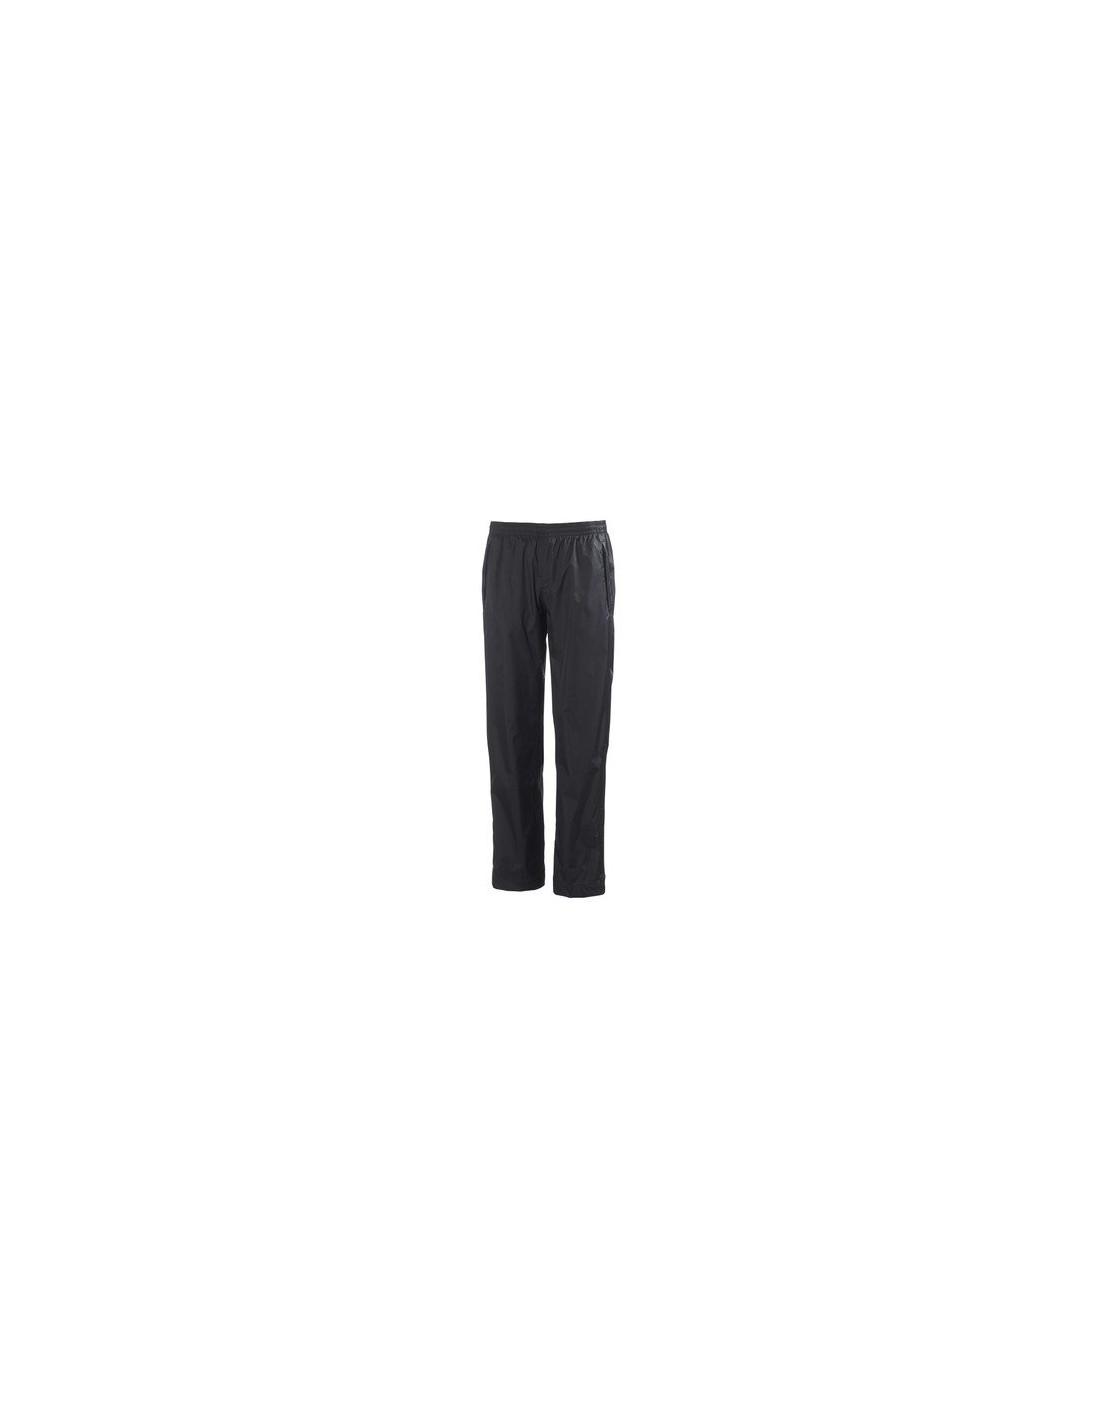 Regnbukser Damer Helly Hansen Womens Loke Pants 62266 899 kr